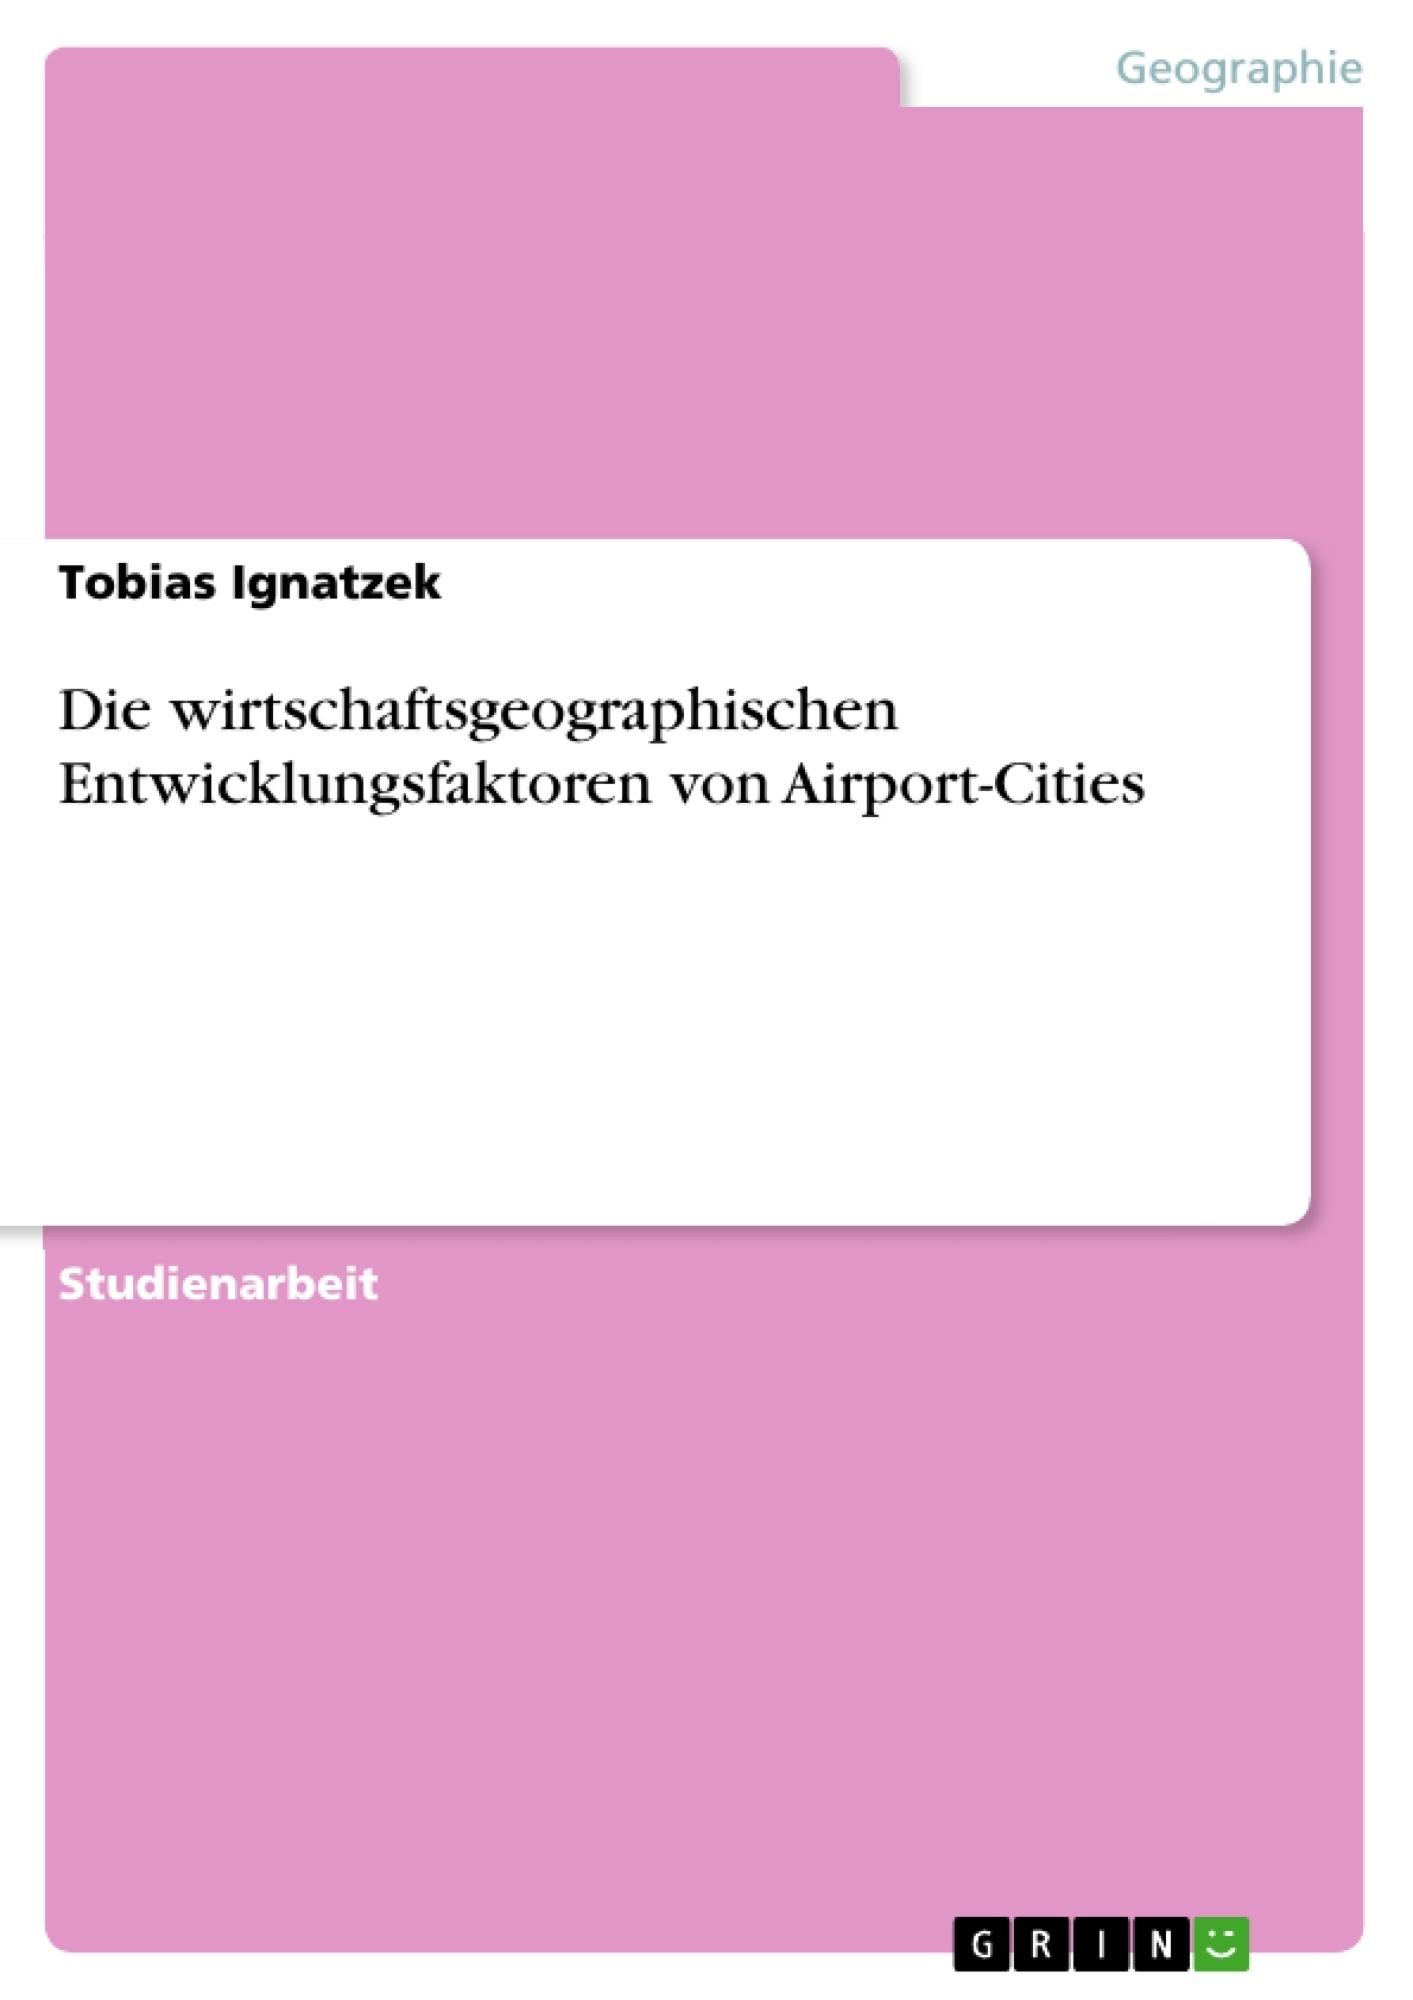 Titel: Die wirtschaftsgeographischen Entwicklungsfaktoren von Airport-Cities